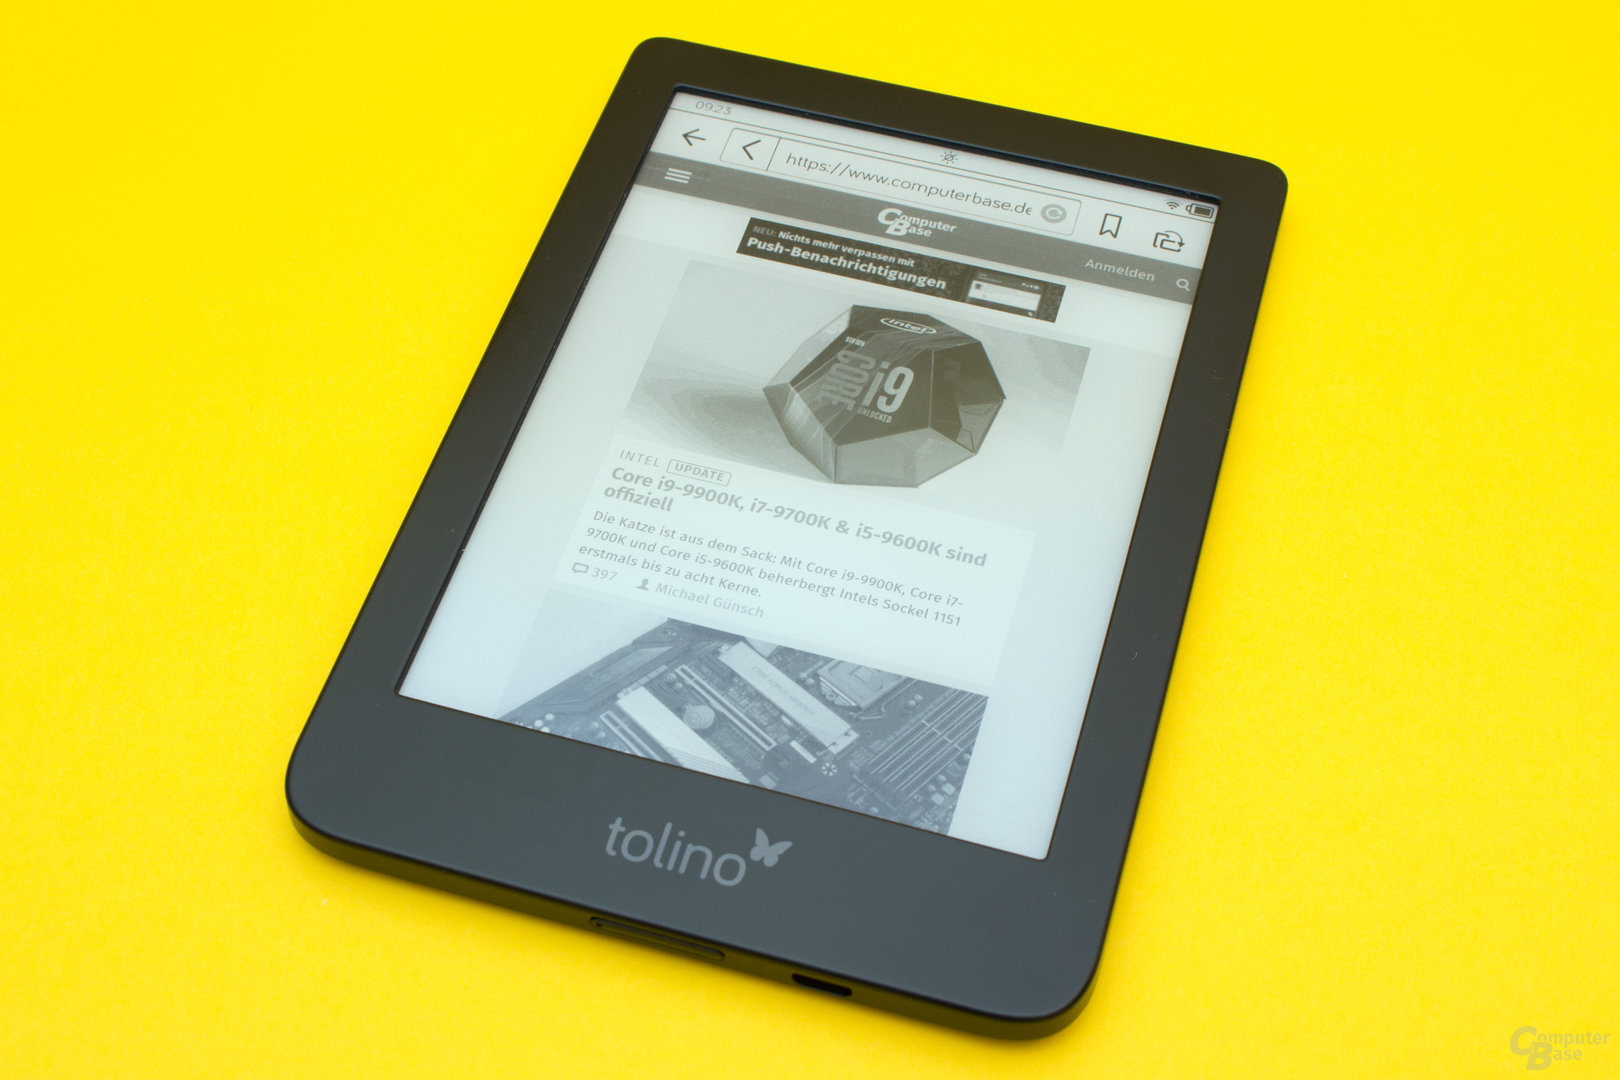 Der Tolino Shine 3 kann auch zum rudimentären Surfen verwendet werden